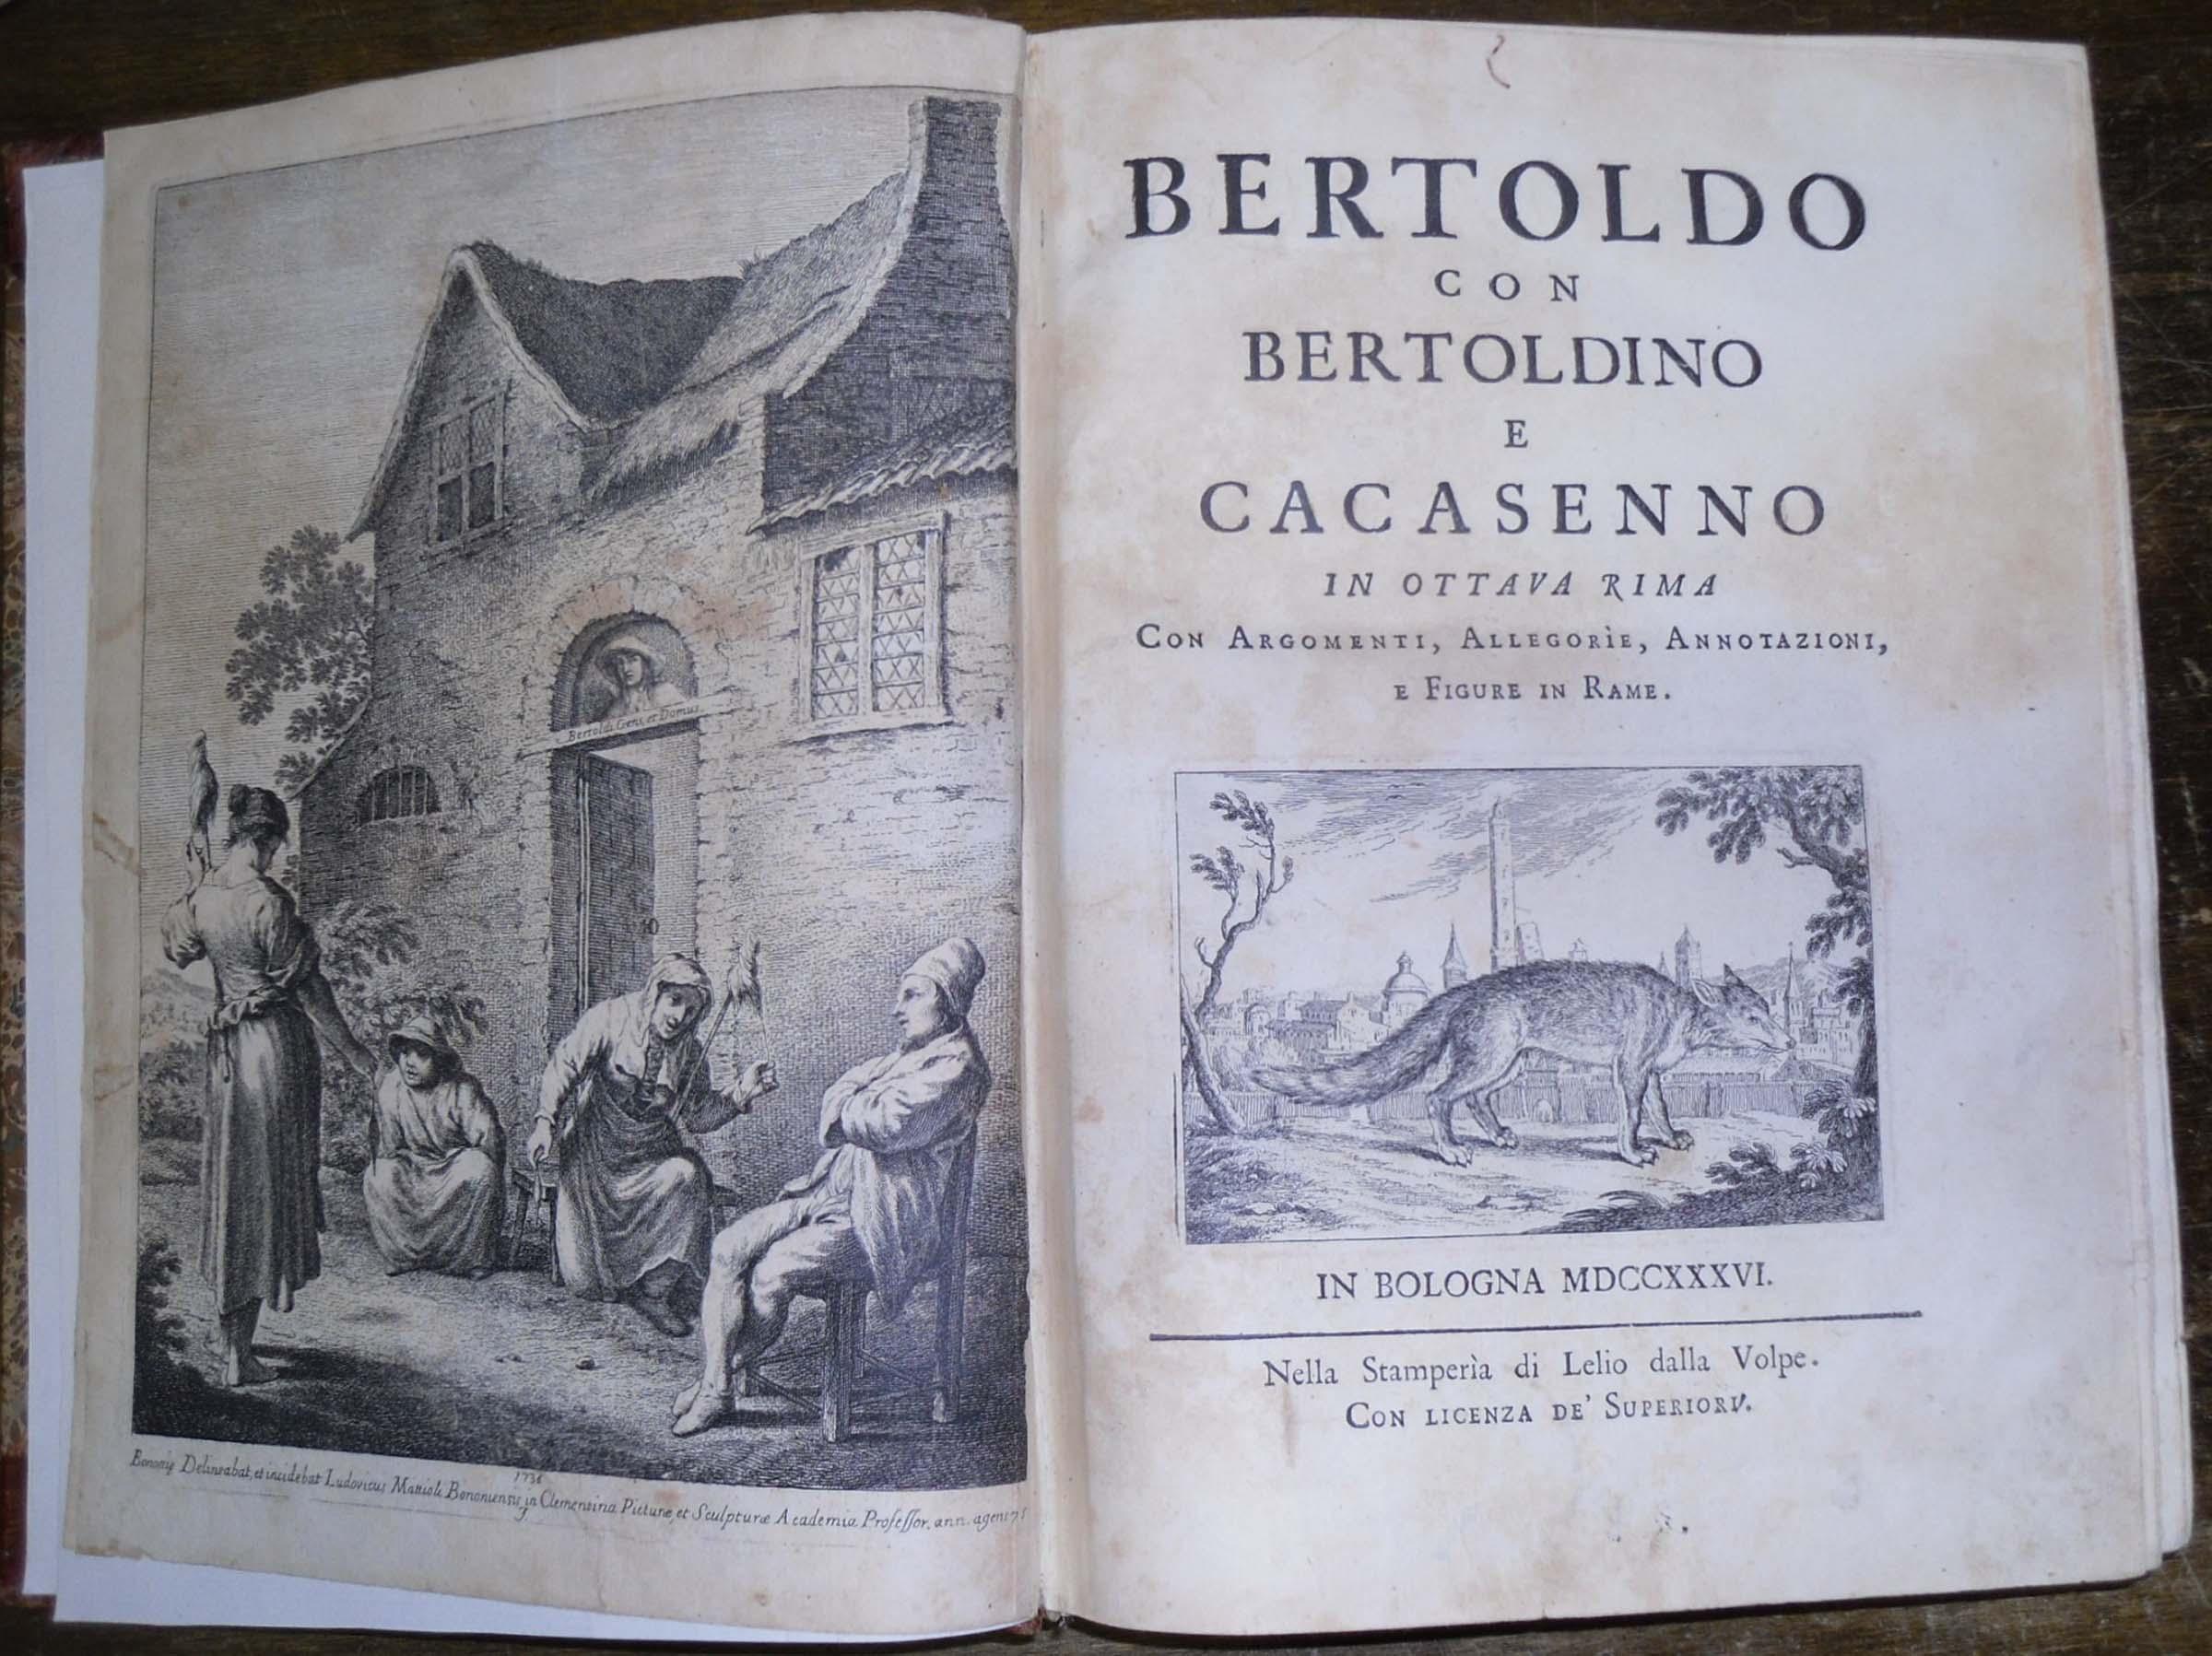 bertoldo-bertoldino-cacasenno-vecchia-edizione